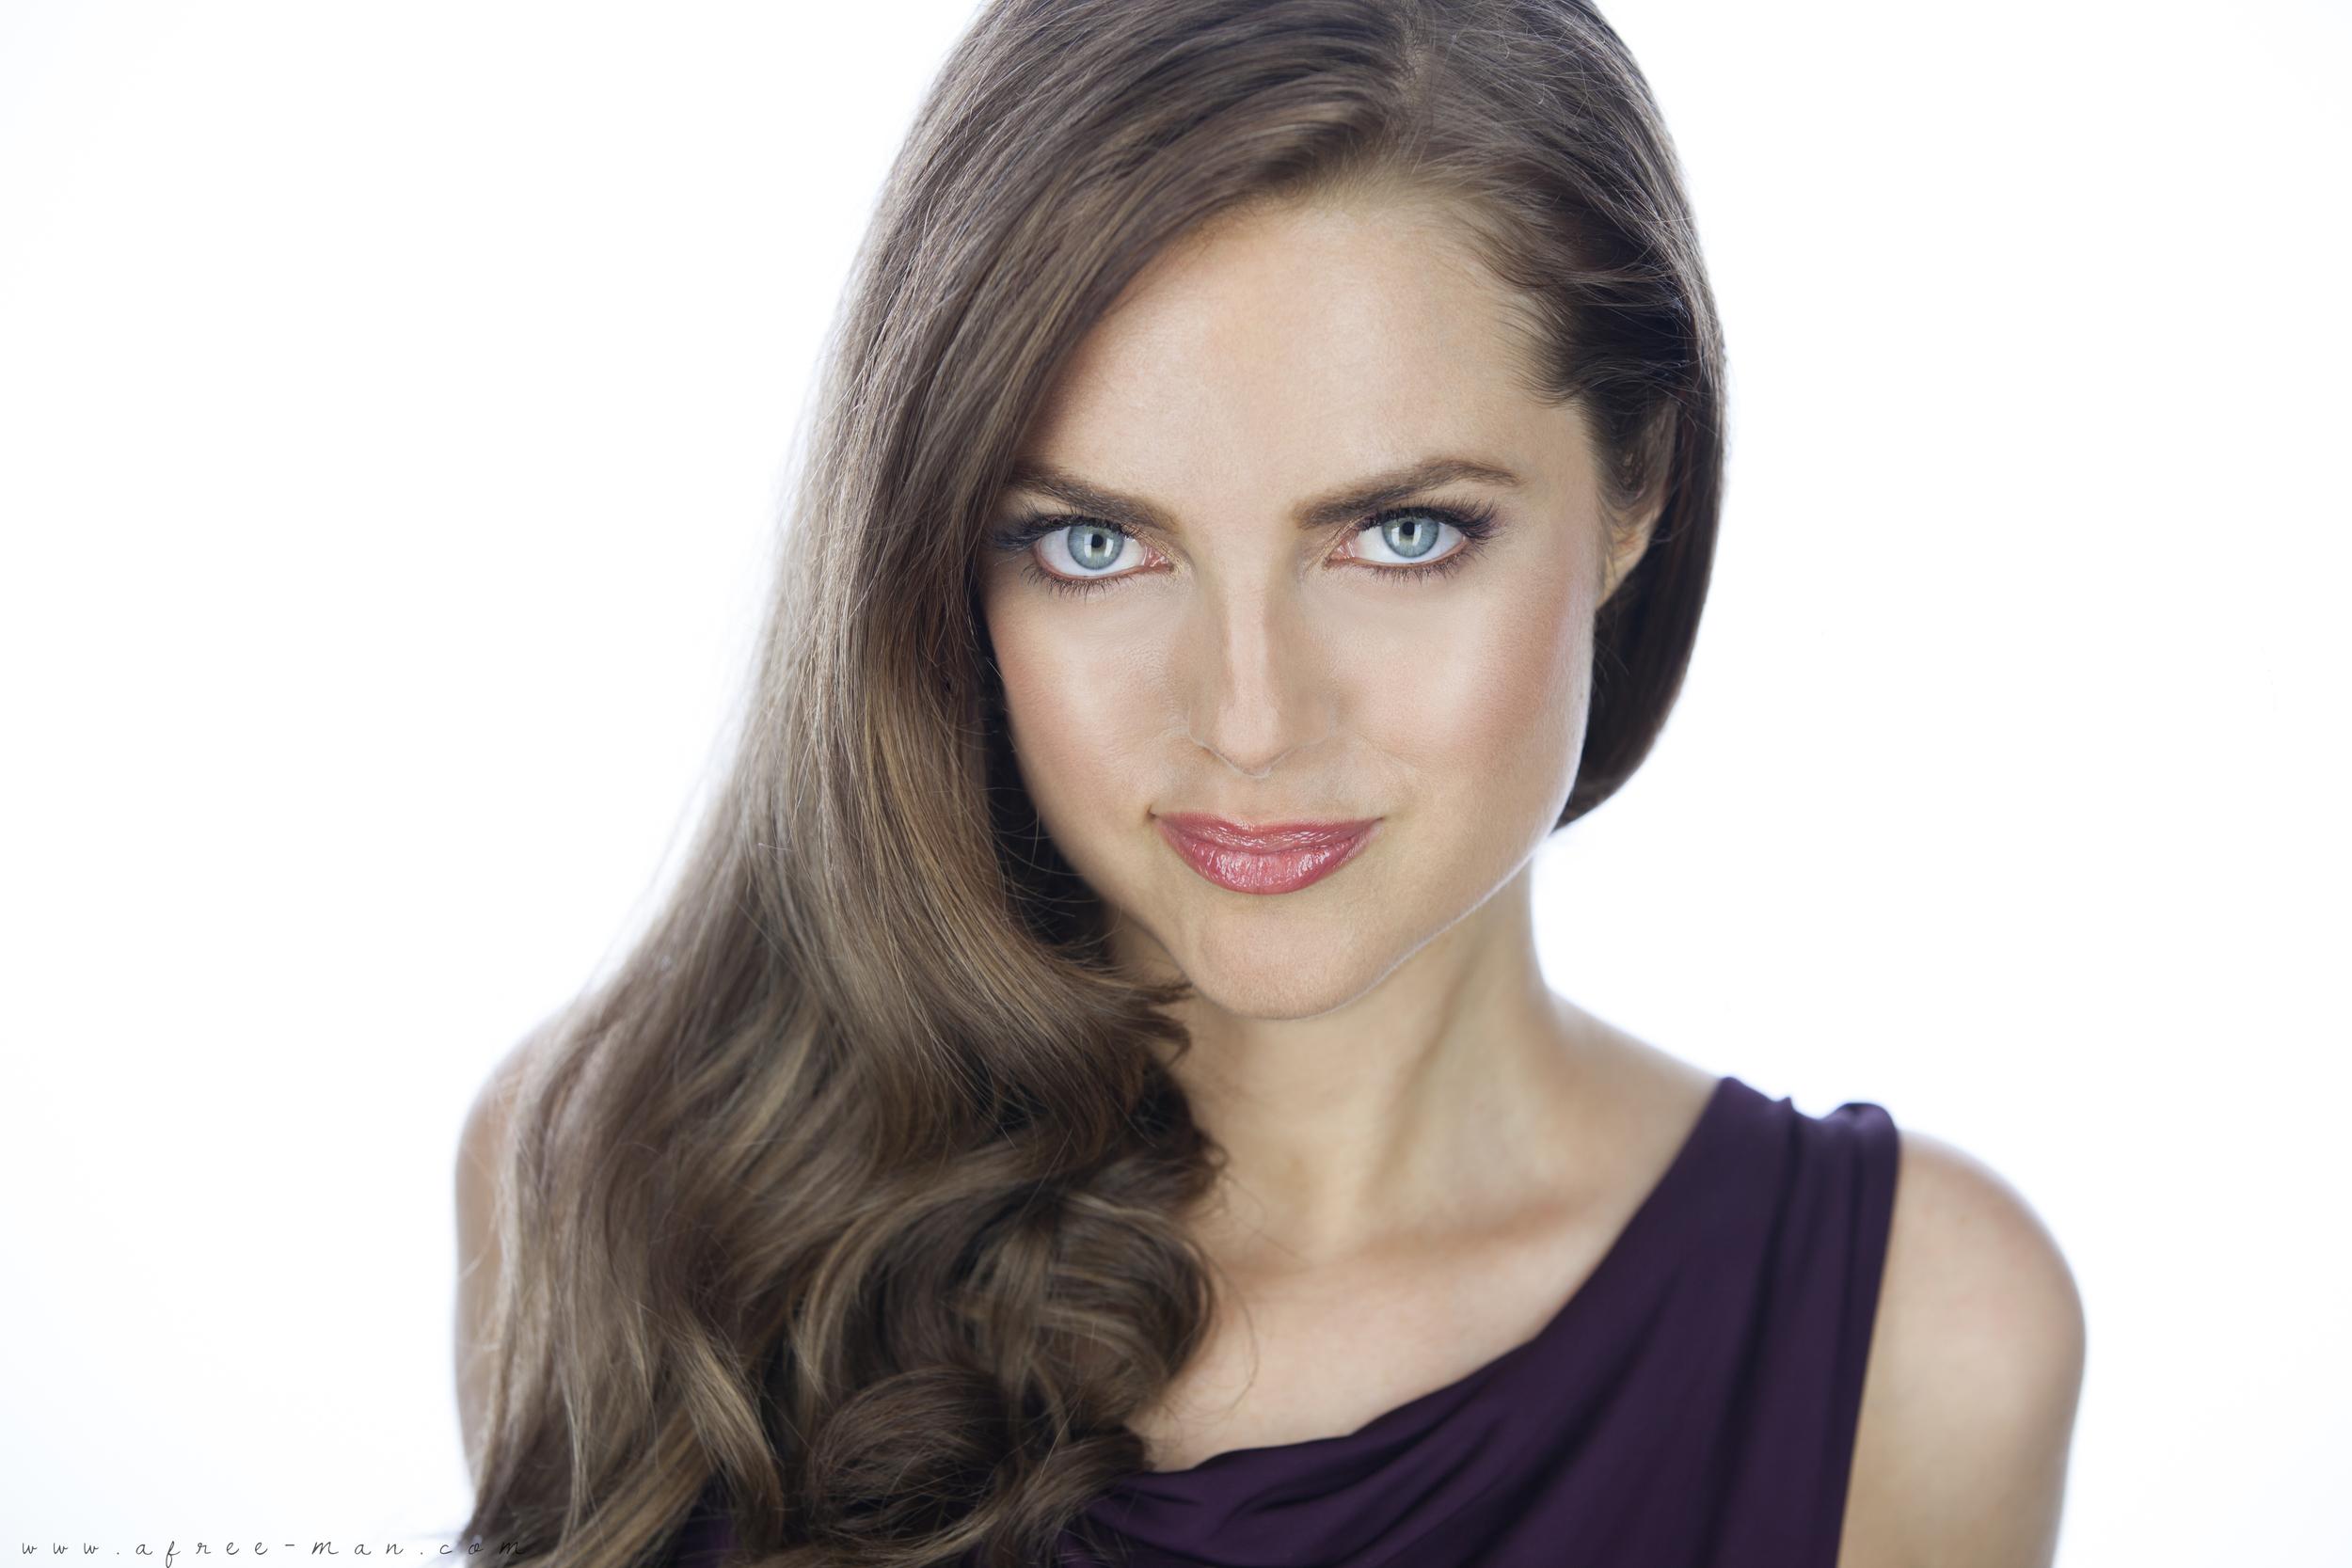 Virginia Bowers